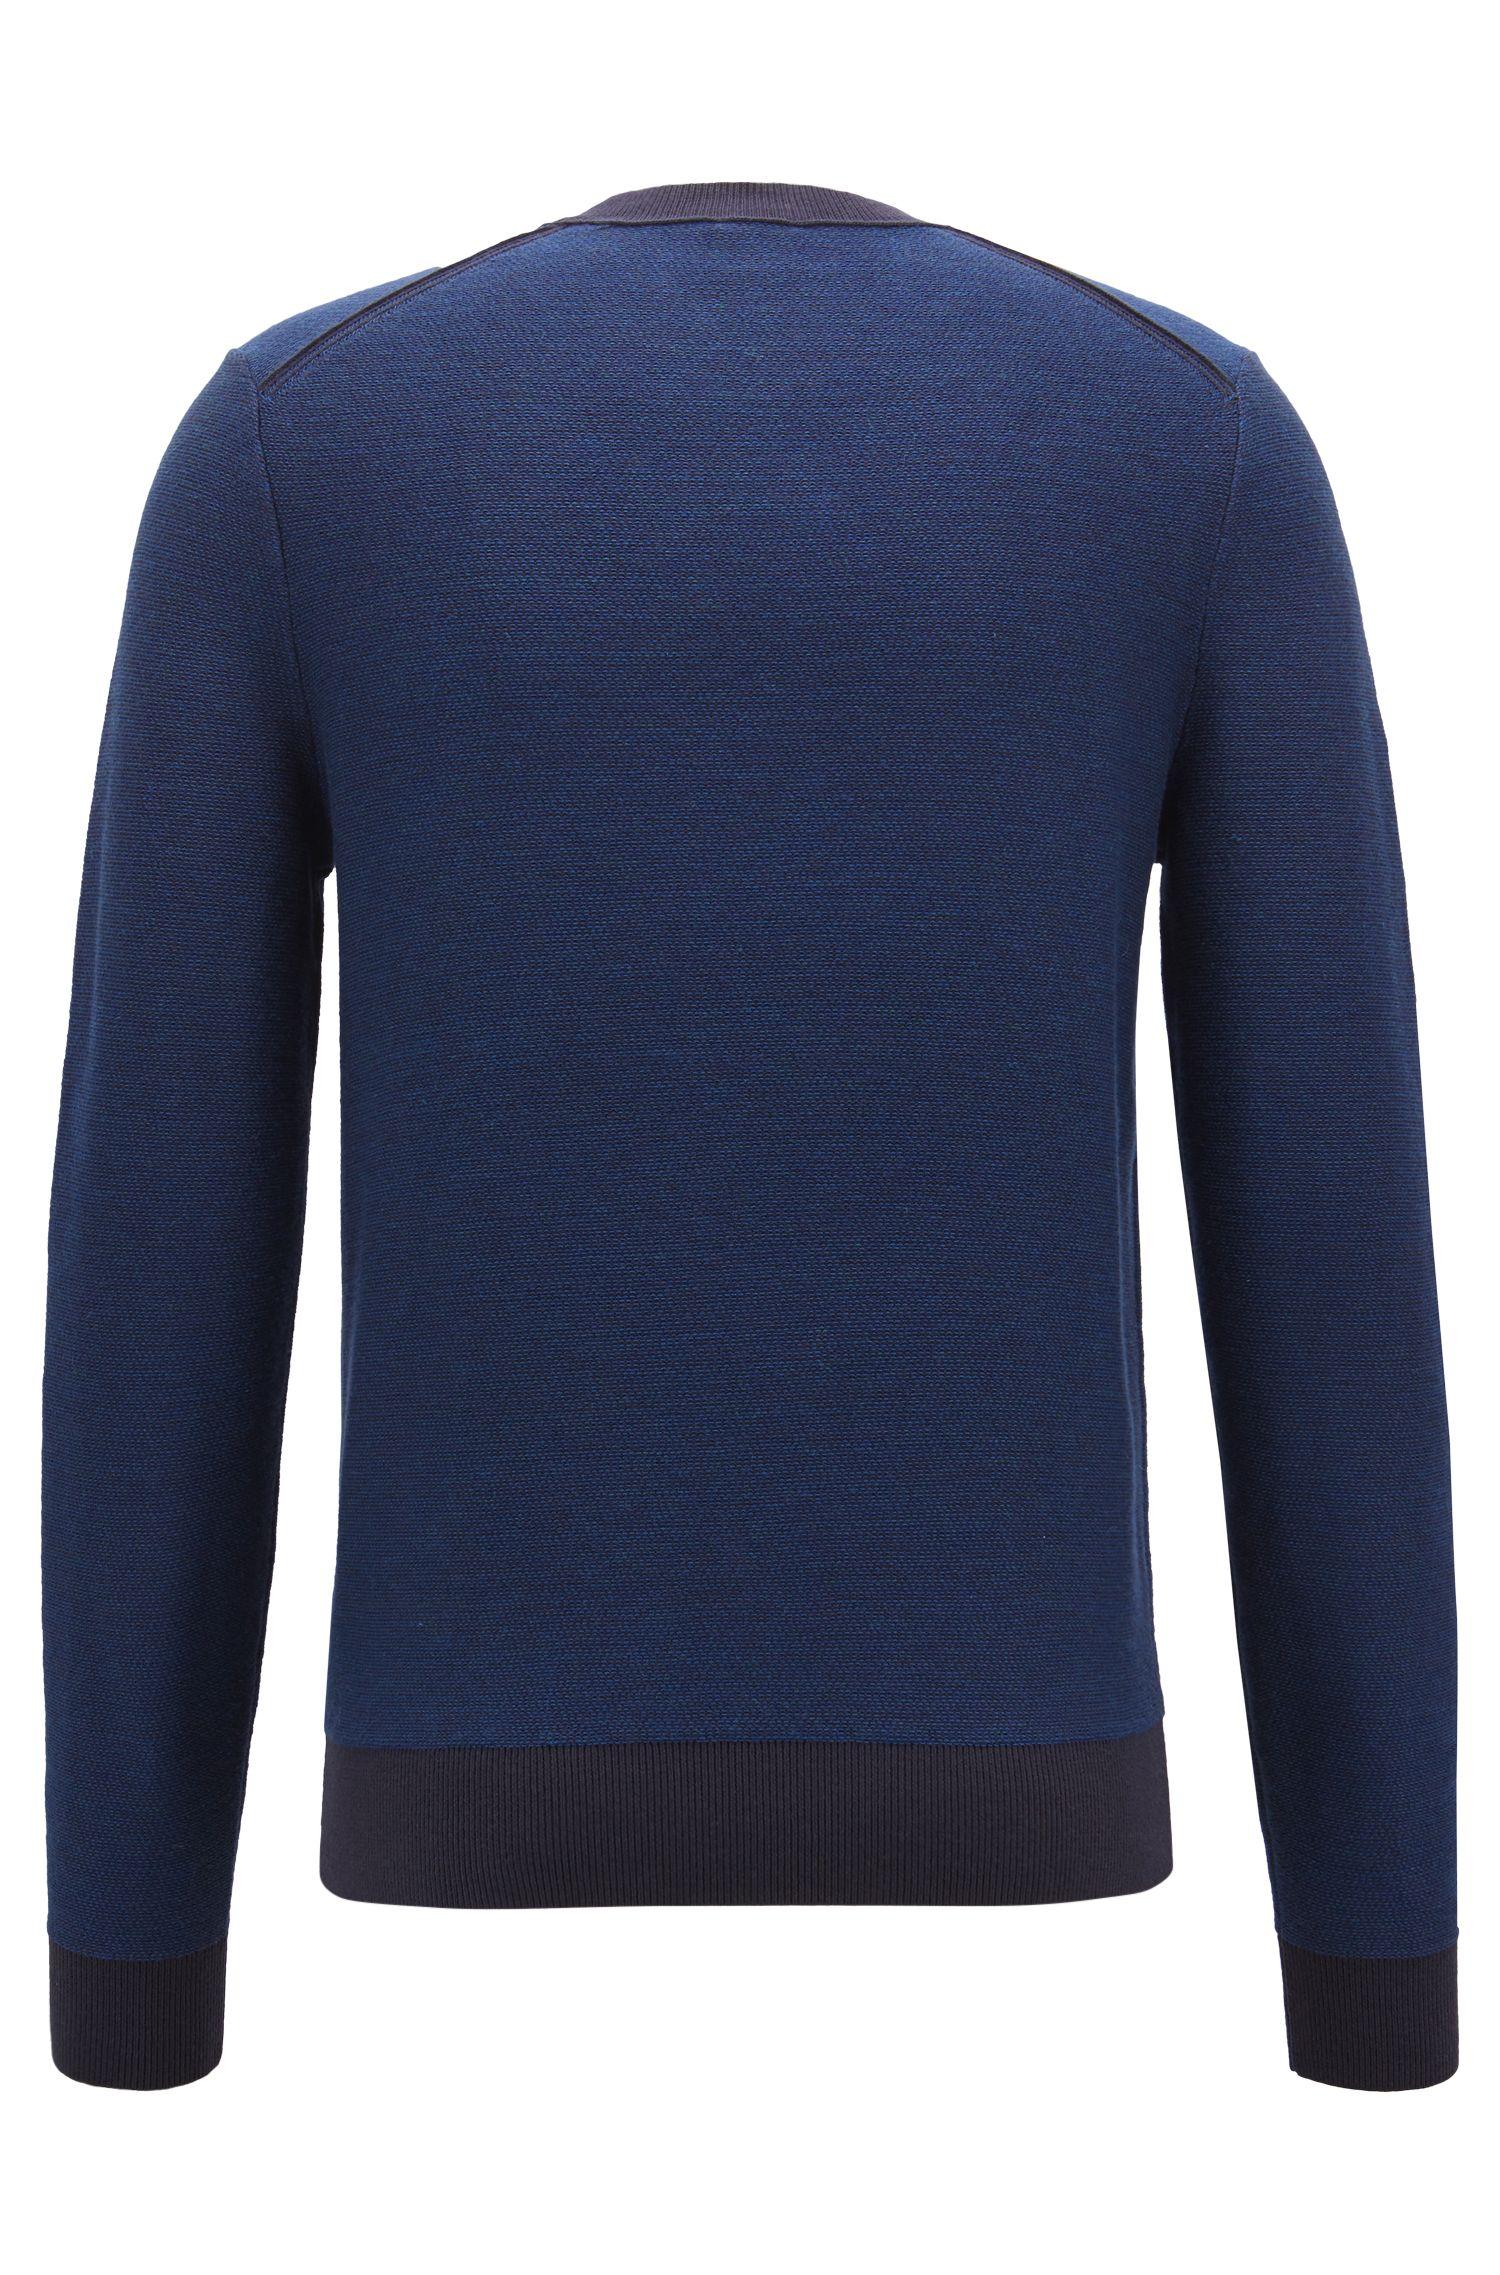 Jersey en jacquard de punto con microestampado a 2 colores, Azul oscuro